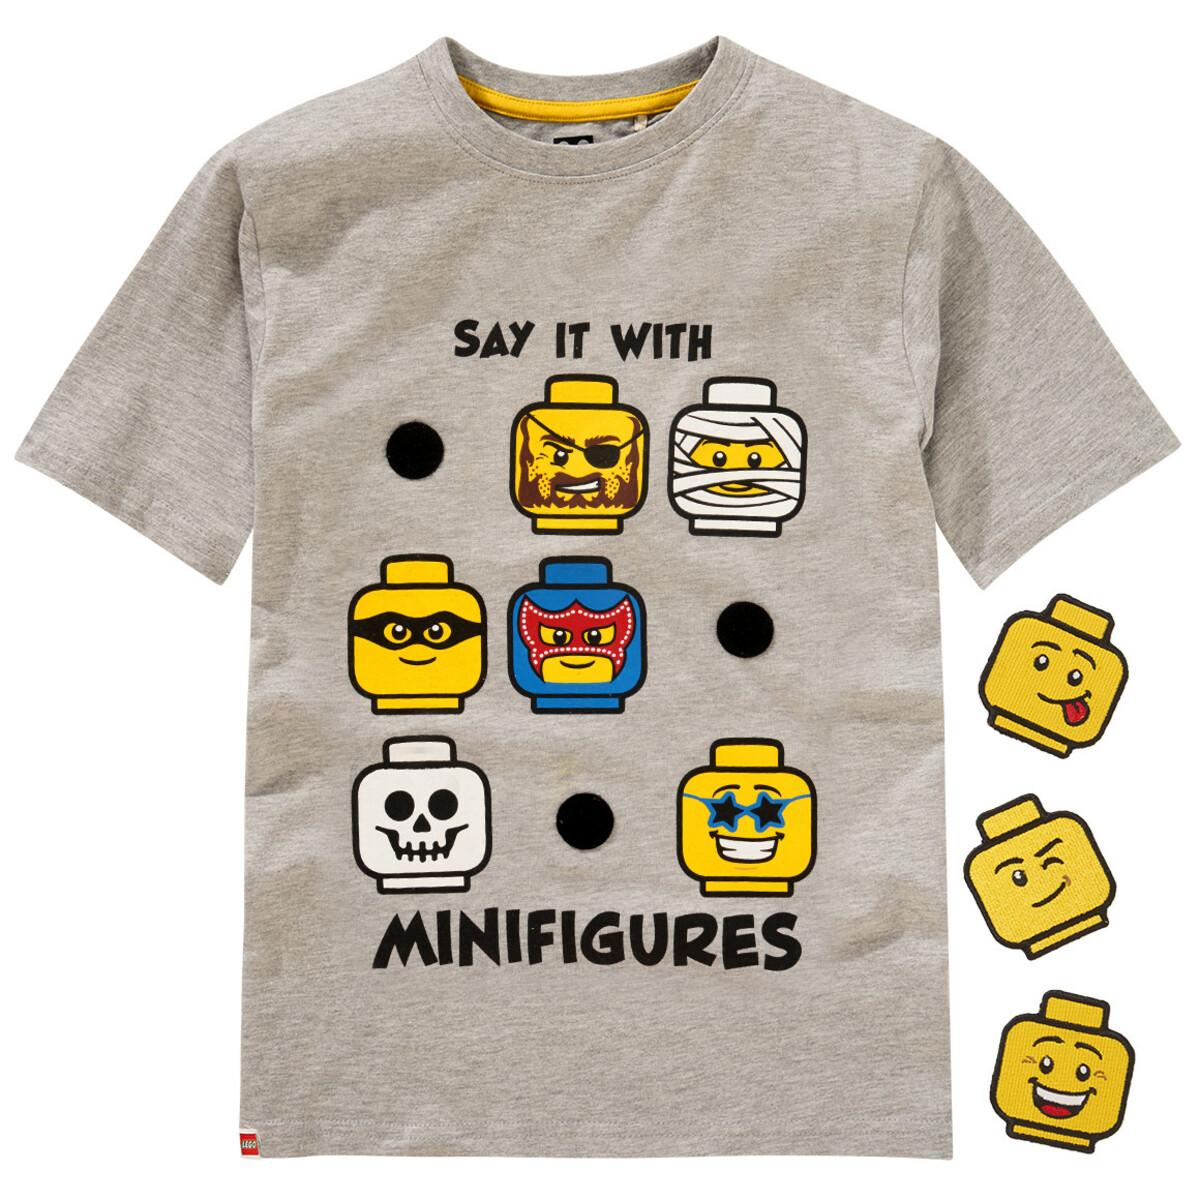 Bild 2 von LEGO T-Shirt mit Klettfiguren